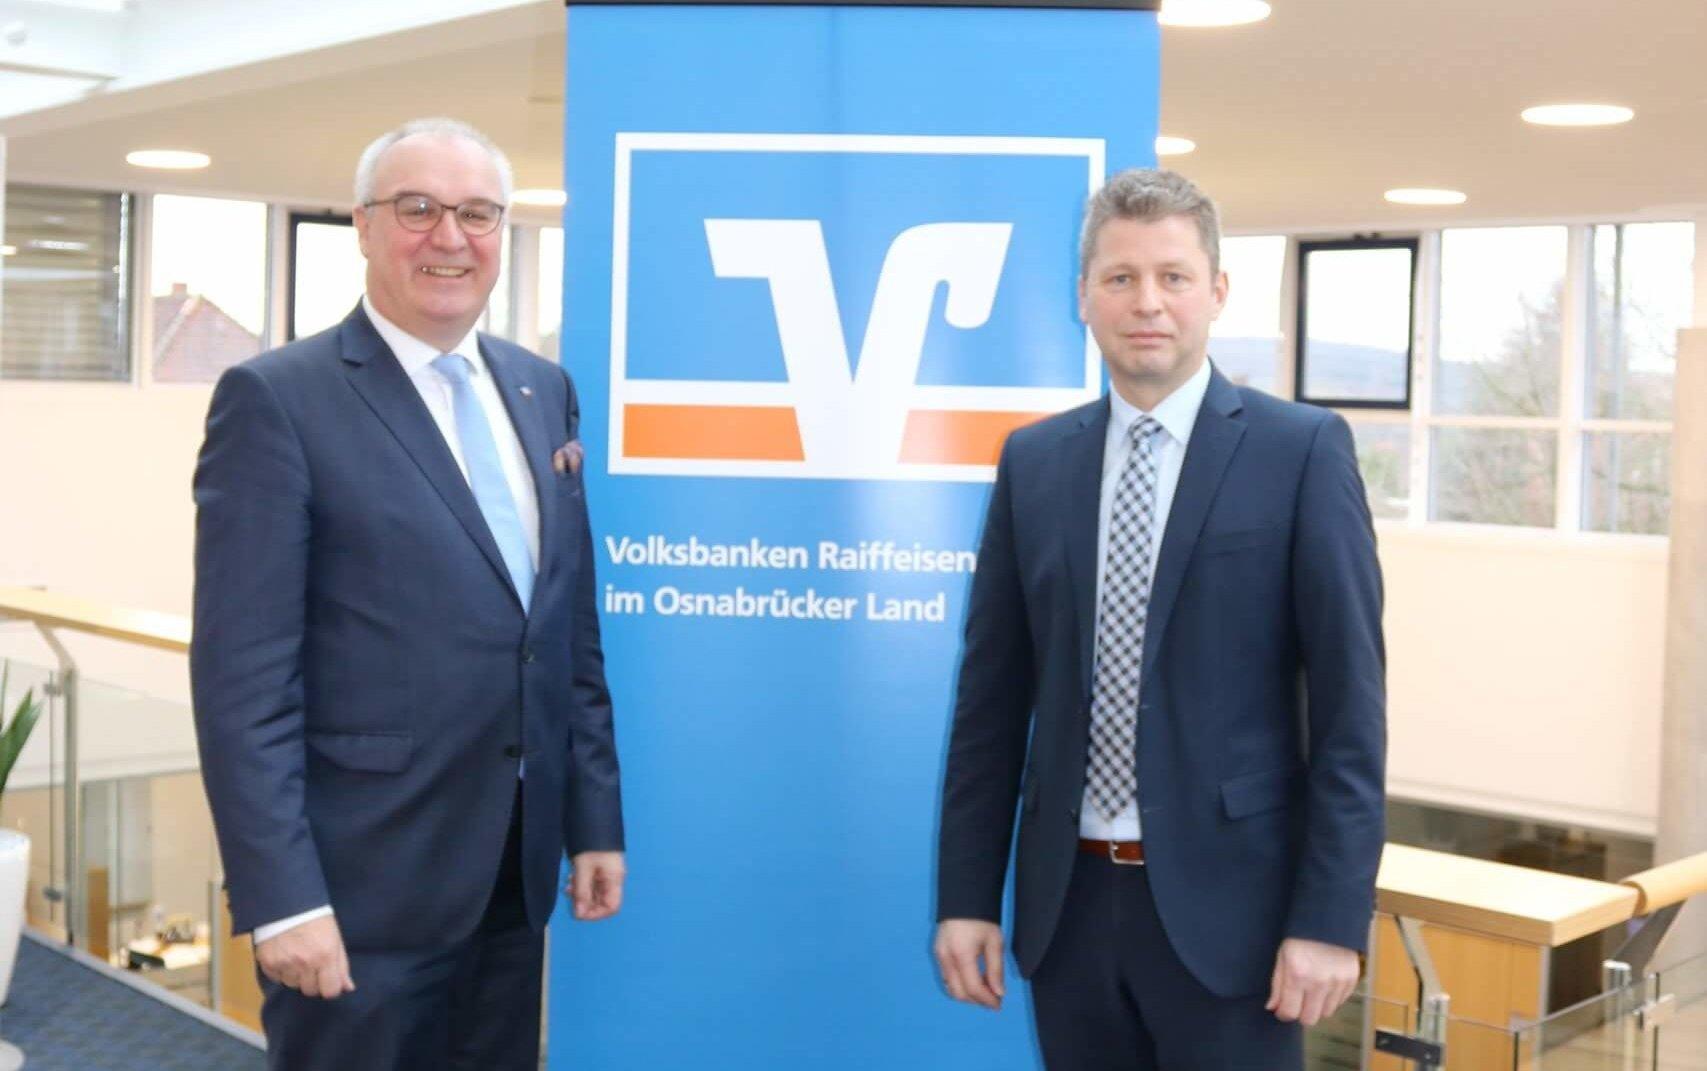 #Volksbank Raiffeisenbanken ziehen Bilanz 2019